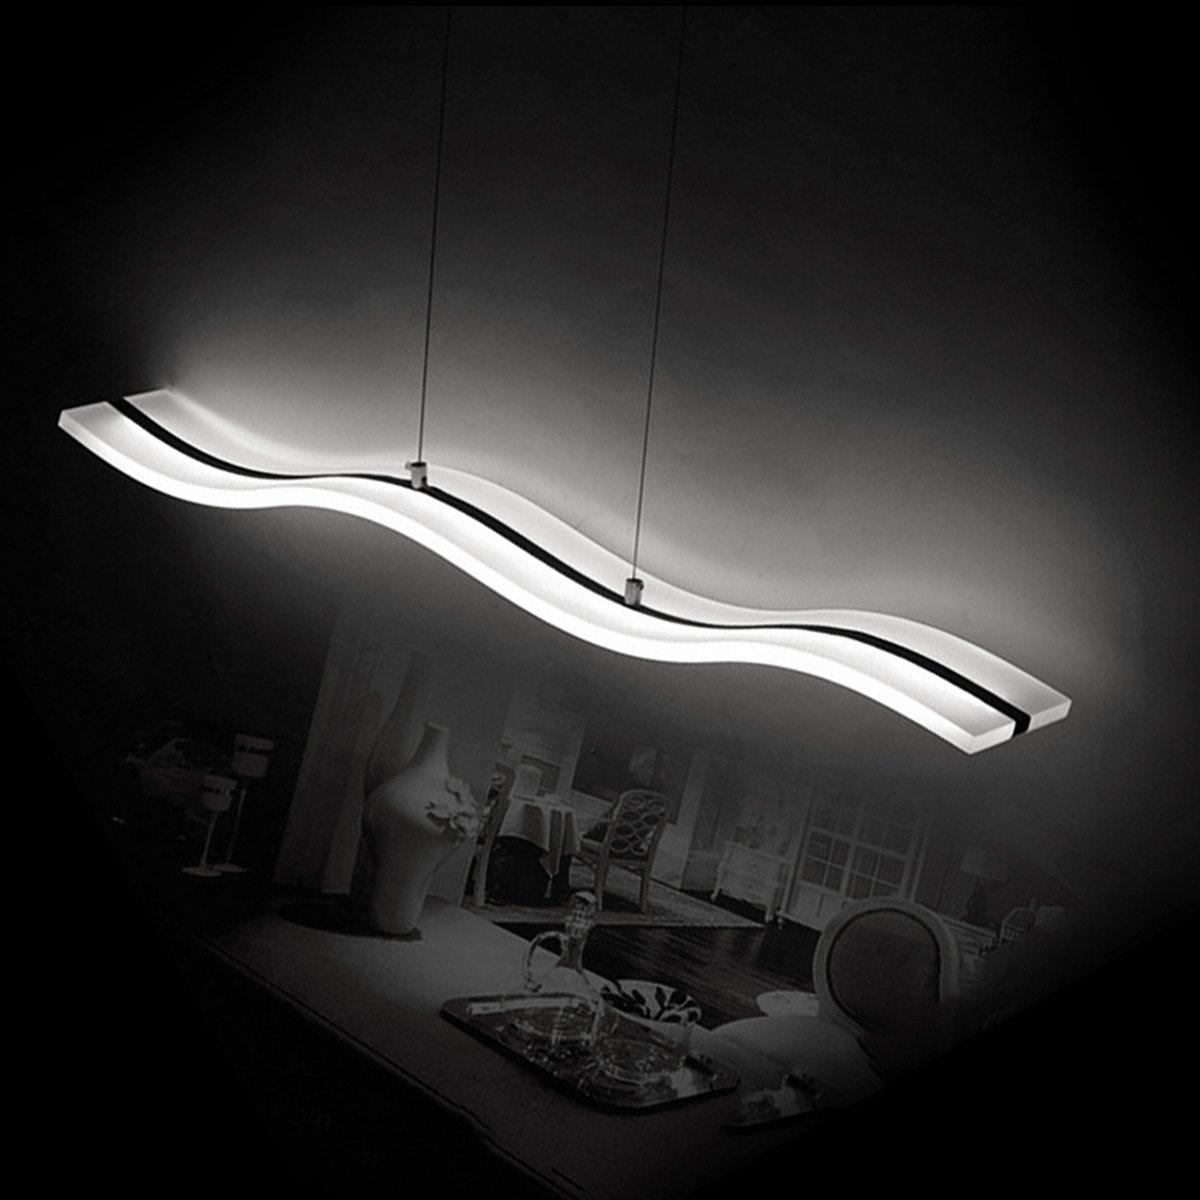 KJLARS Pendelleuchte Moderne Pendellampe LED Acryl Kühlweiß Hängelampe Hängeleuchte Esstisch Wohnnzimmer Schlafzimmer 6000K (Weiß)